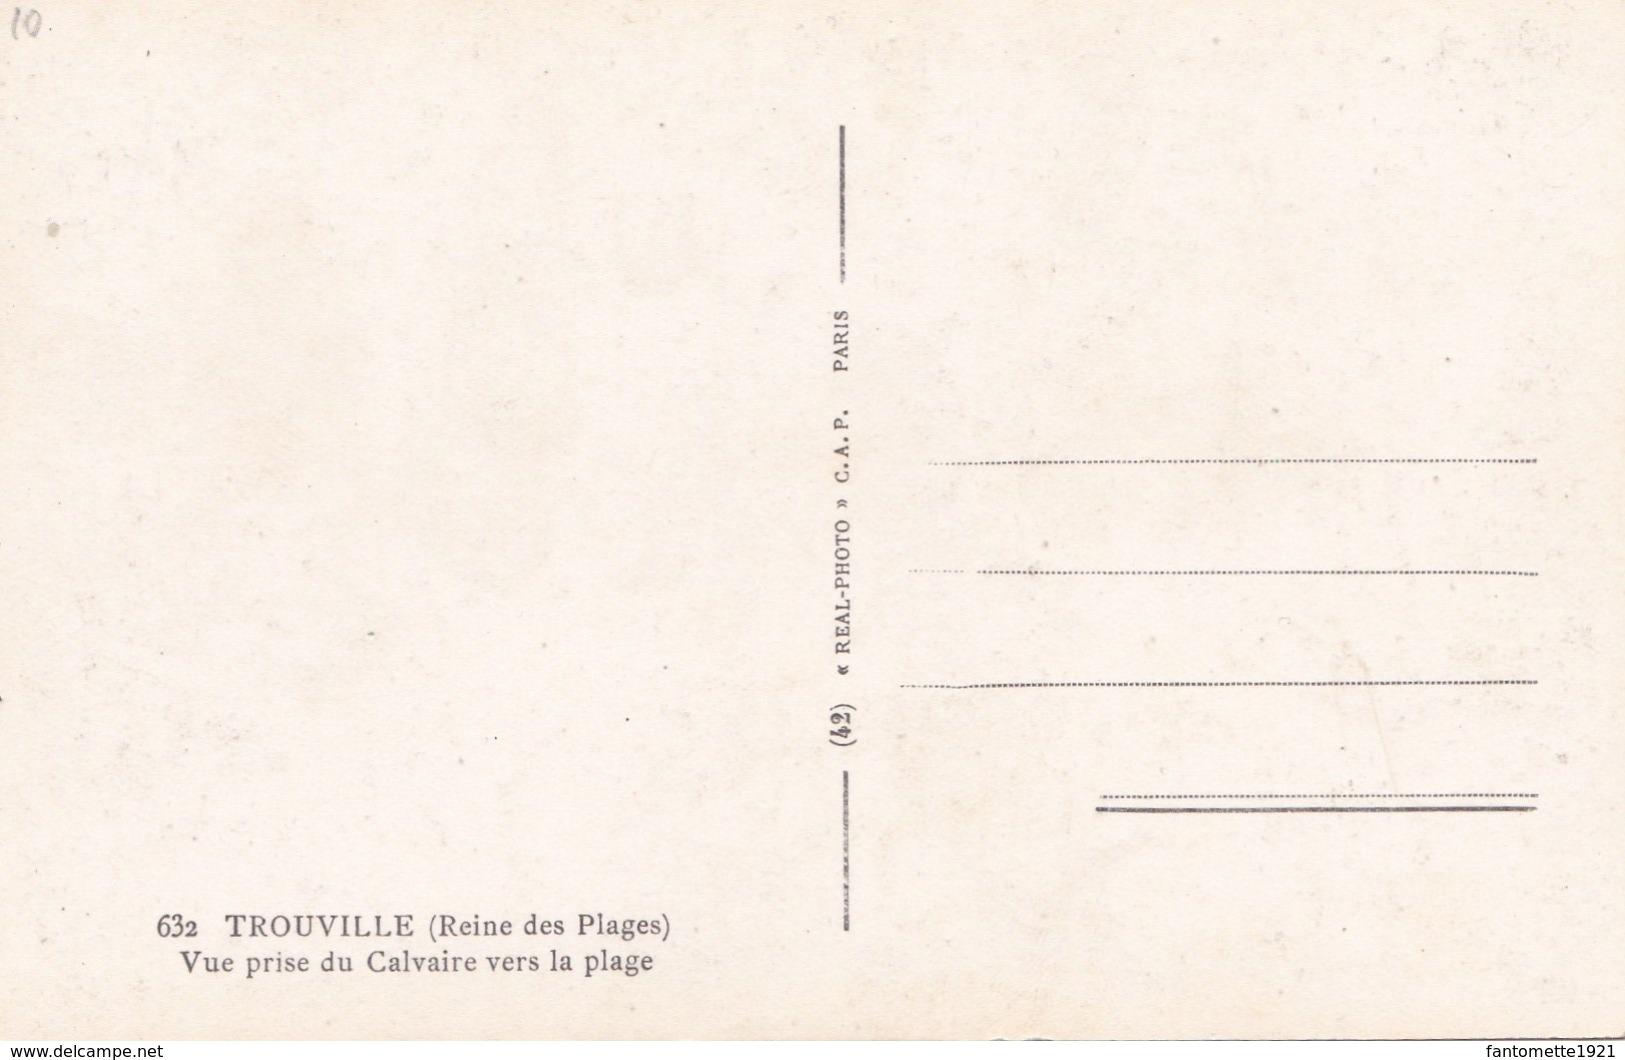 TROUVILLE VUE PRISE DU CALVAIRE VERS LA PLAGE (dil291) - Trouville